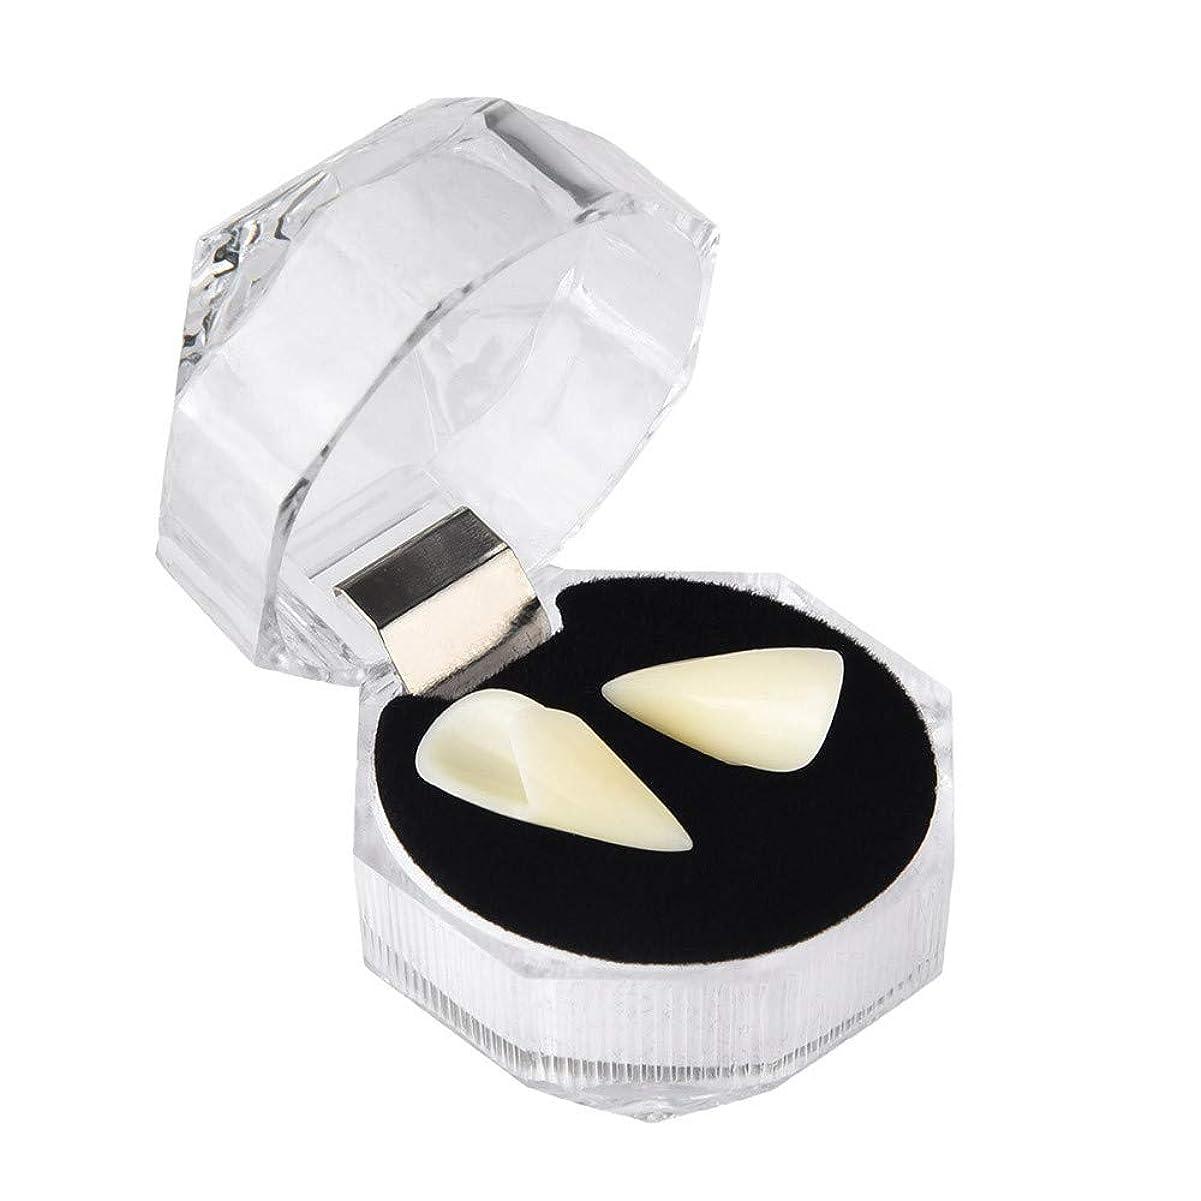 首尾一貫した慣れる地殻ユニセックスハロウィーンロールプレイングゾンビ義歯、樹脂にやさしい食品グレード義歯(13mm、15mm、17mm、19mm),19mm